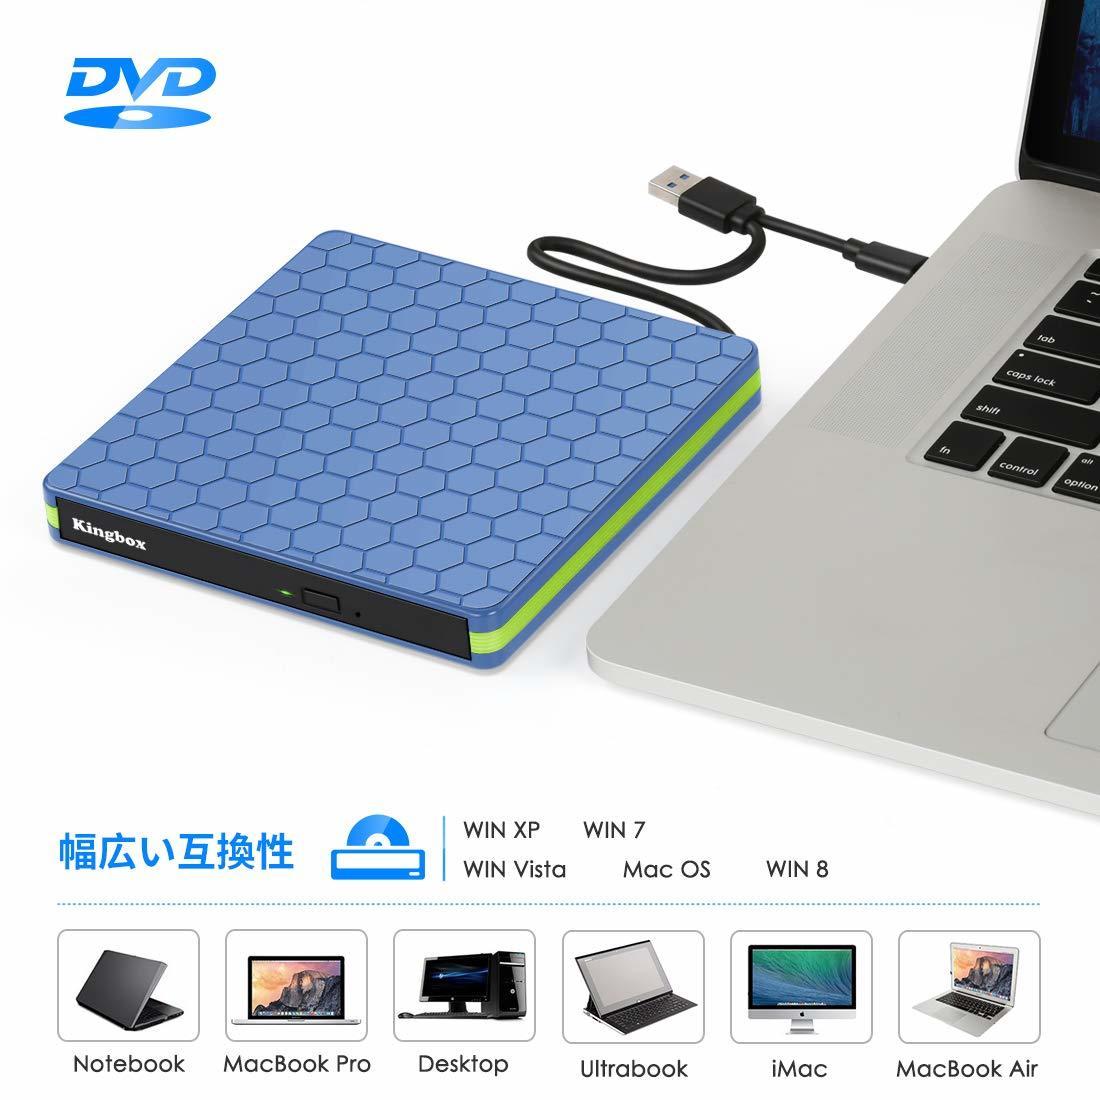 【作業効率化!】21C【2019最新型】USB3.0 外付け DVD ドライブ DVD プレーヤー USB ポータブルドライブ USB3.0 Type-C 薄型 _画像3